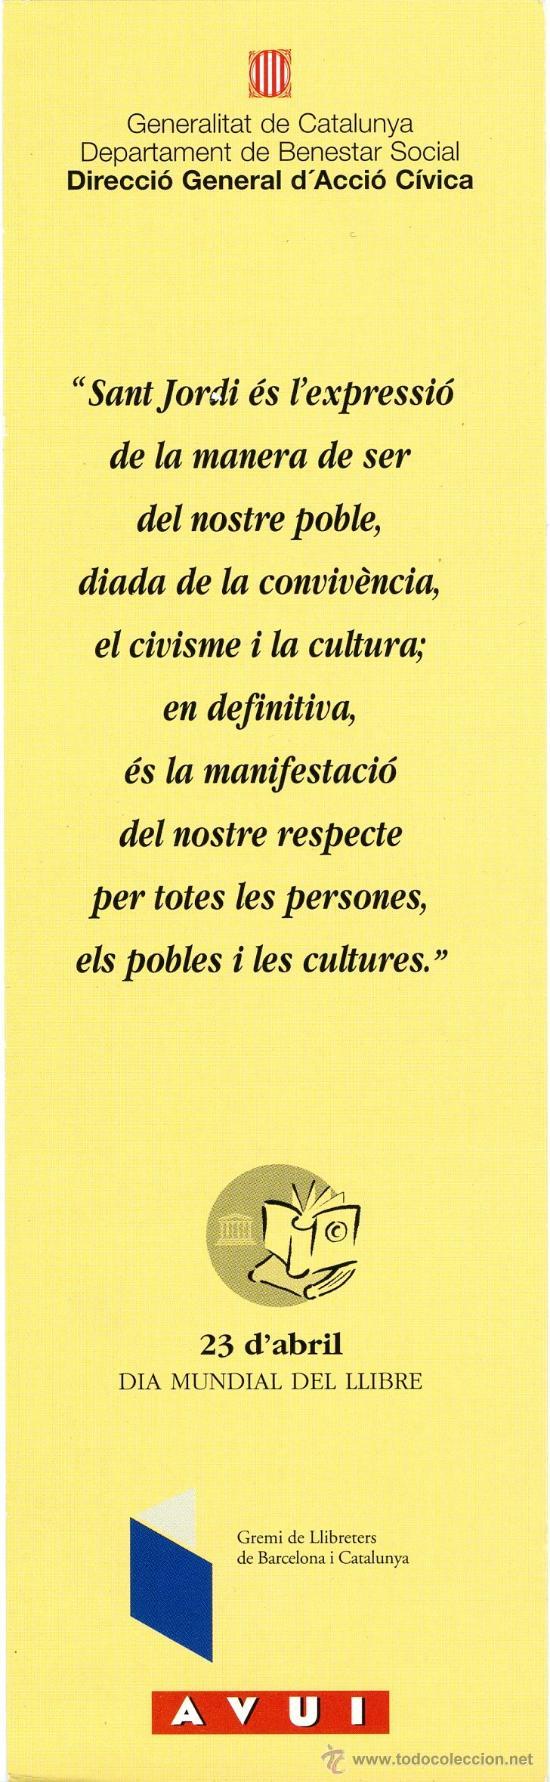 Coleccionismo Marcapáginas: Marcapáginas Dia Mundial del Llibre - Sant Jordi (Catalan) - Foto 2 - 105416504